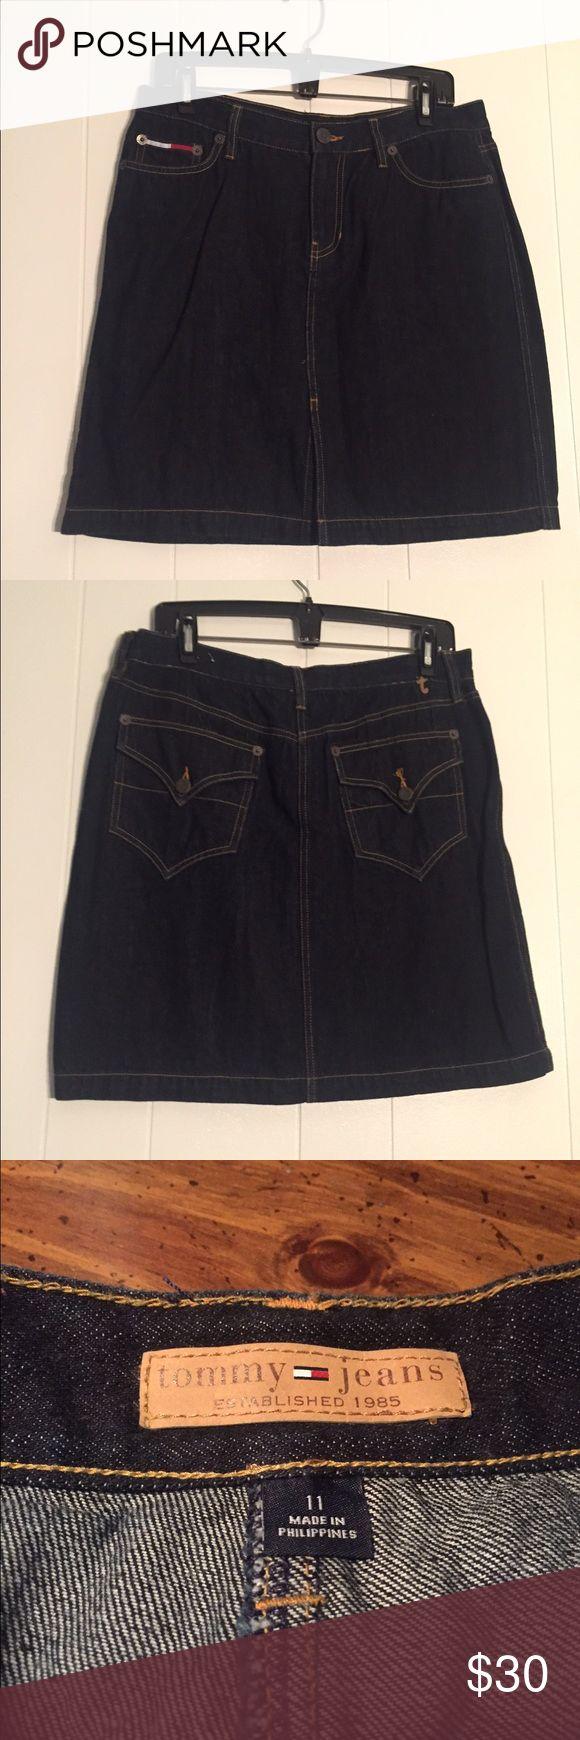 ❤️💙Tommy Hilfiger Dark Wash Jean Mini Skirt Women's Tommy Hilfiger Jean Skirt, with button pockets! Size 11 Tommy Hilfiger Skirts Mini